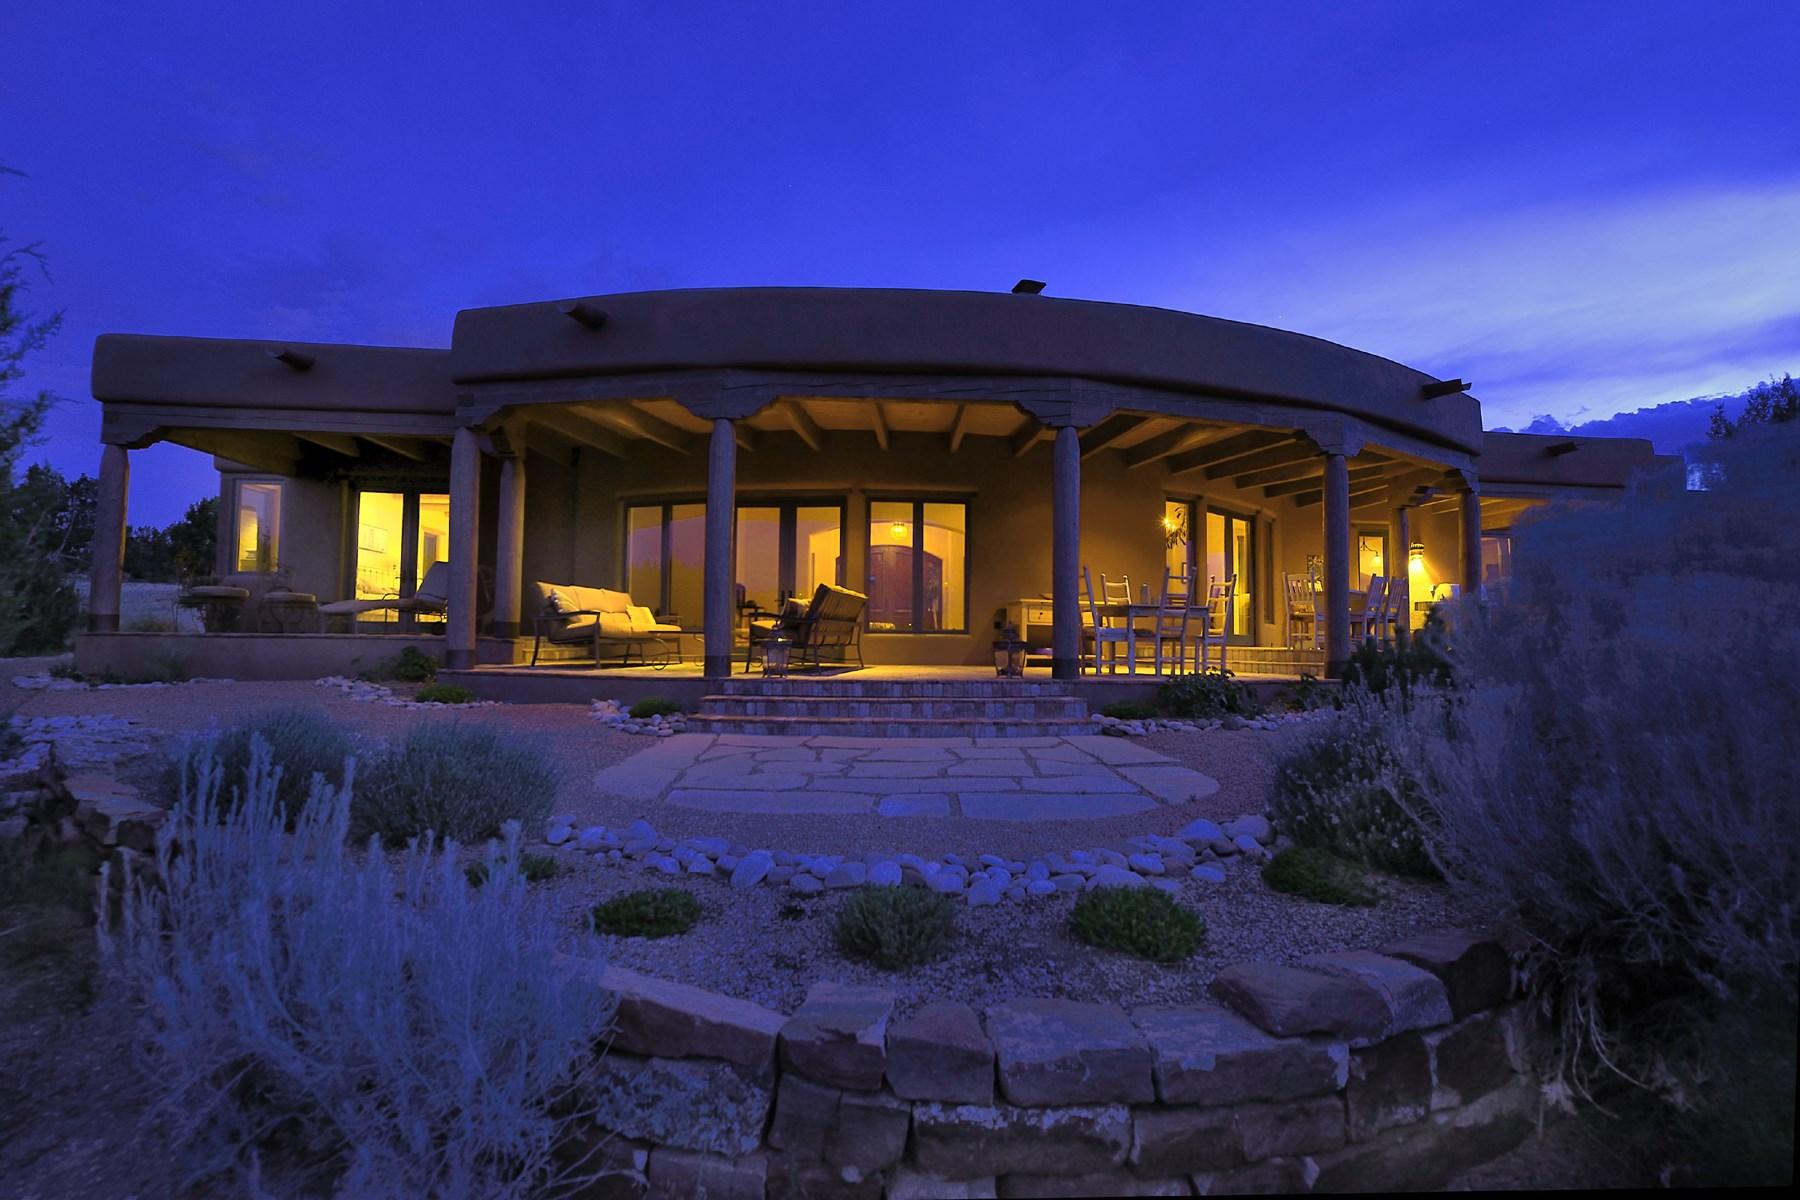 Single Family Home for Sale at 41 Camino Hasta Manana Las Campanas & Los Santeros, Santa Fe, New Mexico, 87506 United States